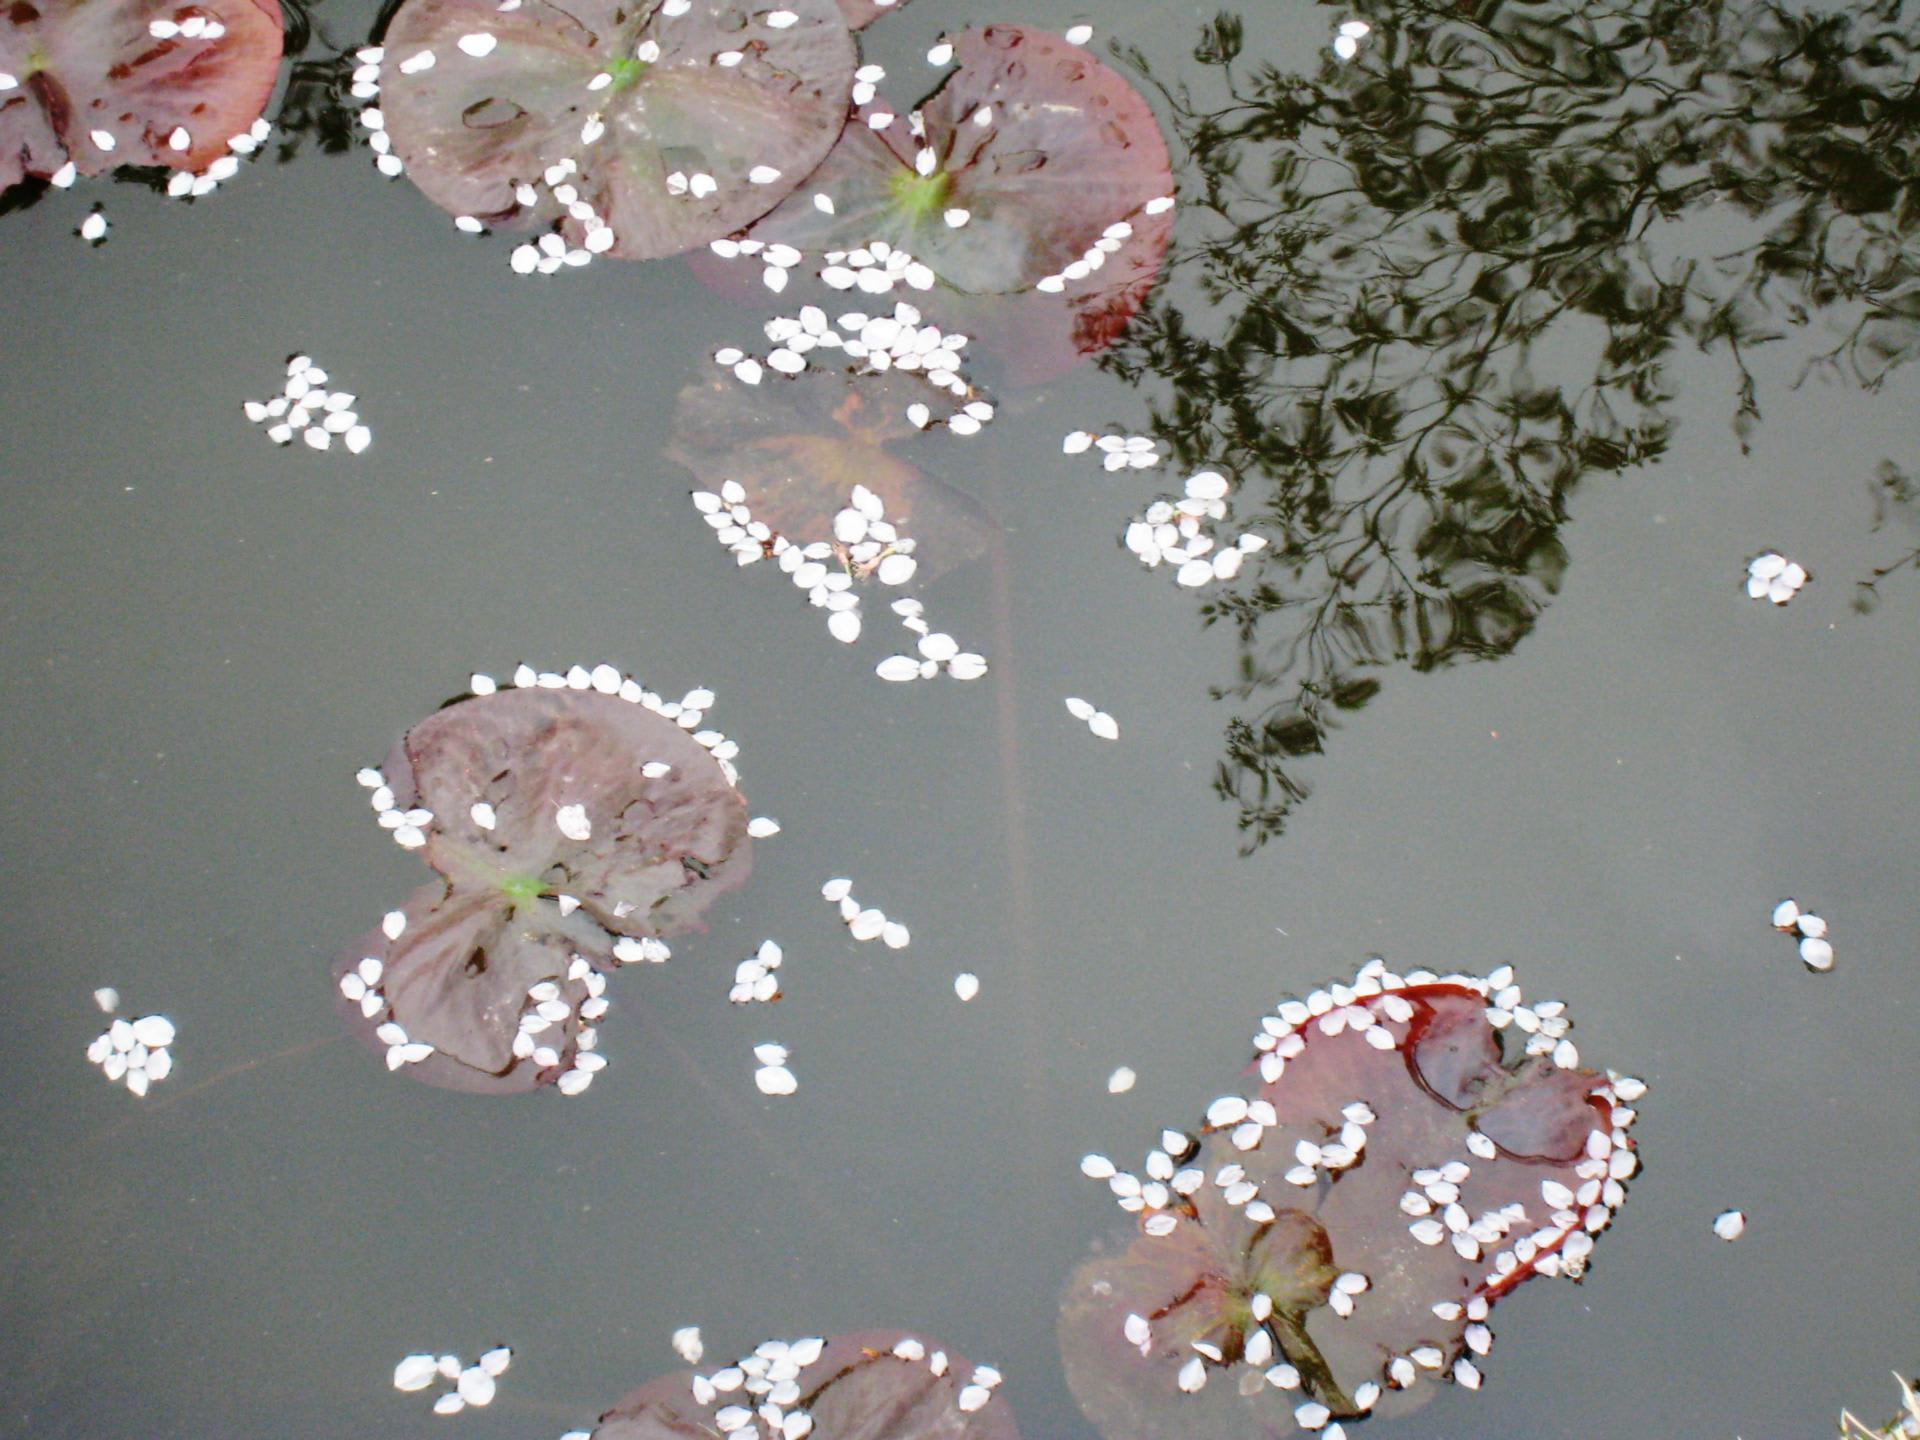 菅野完著『日本会議の研究』 - 土塊も襤褸も空へ昇り行く:北村虻曳